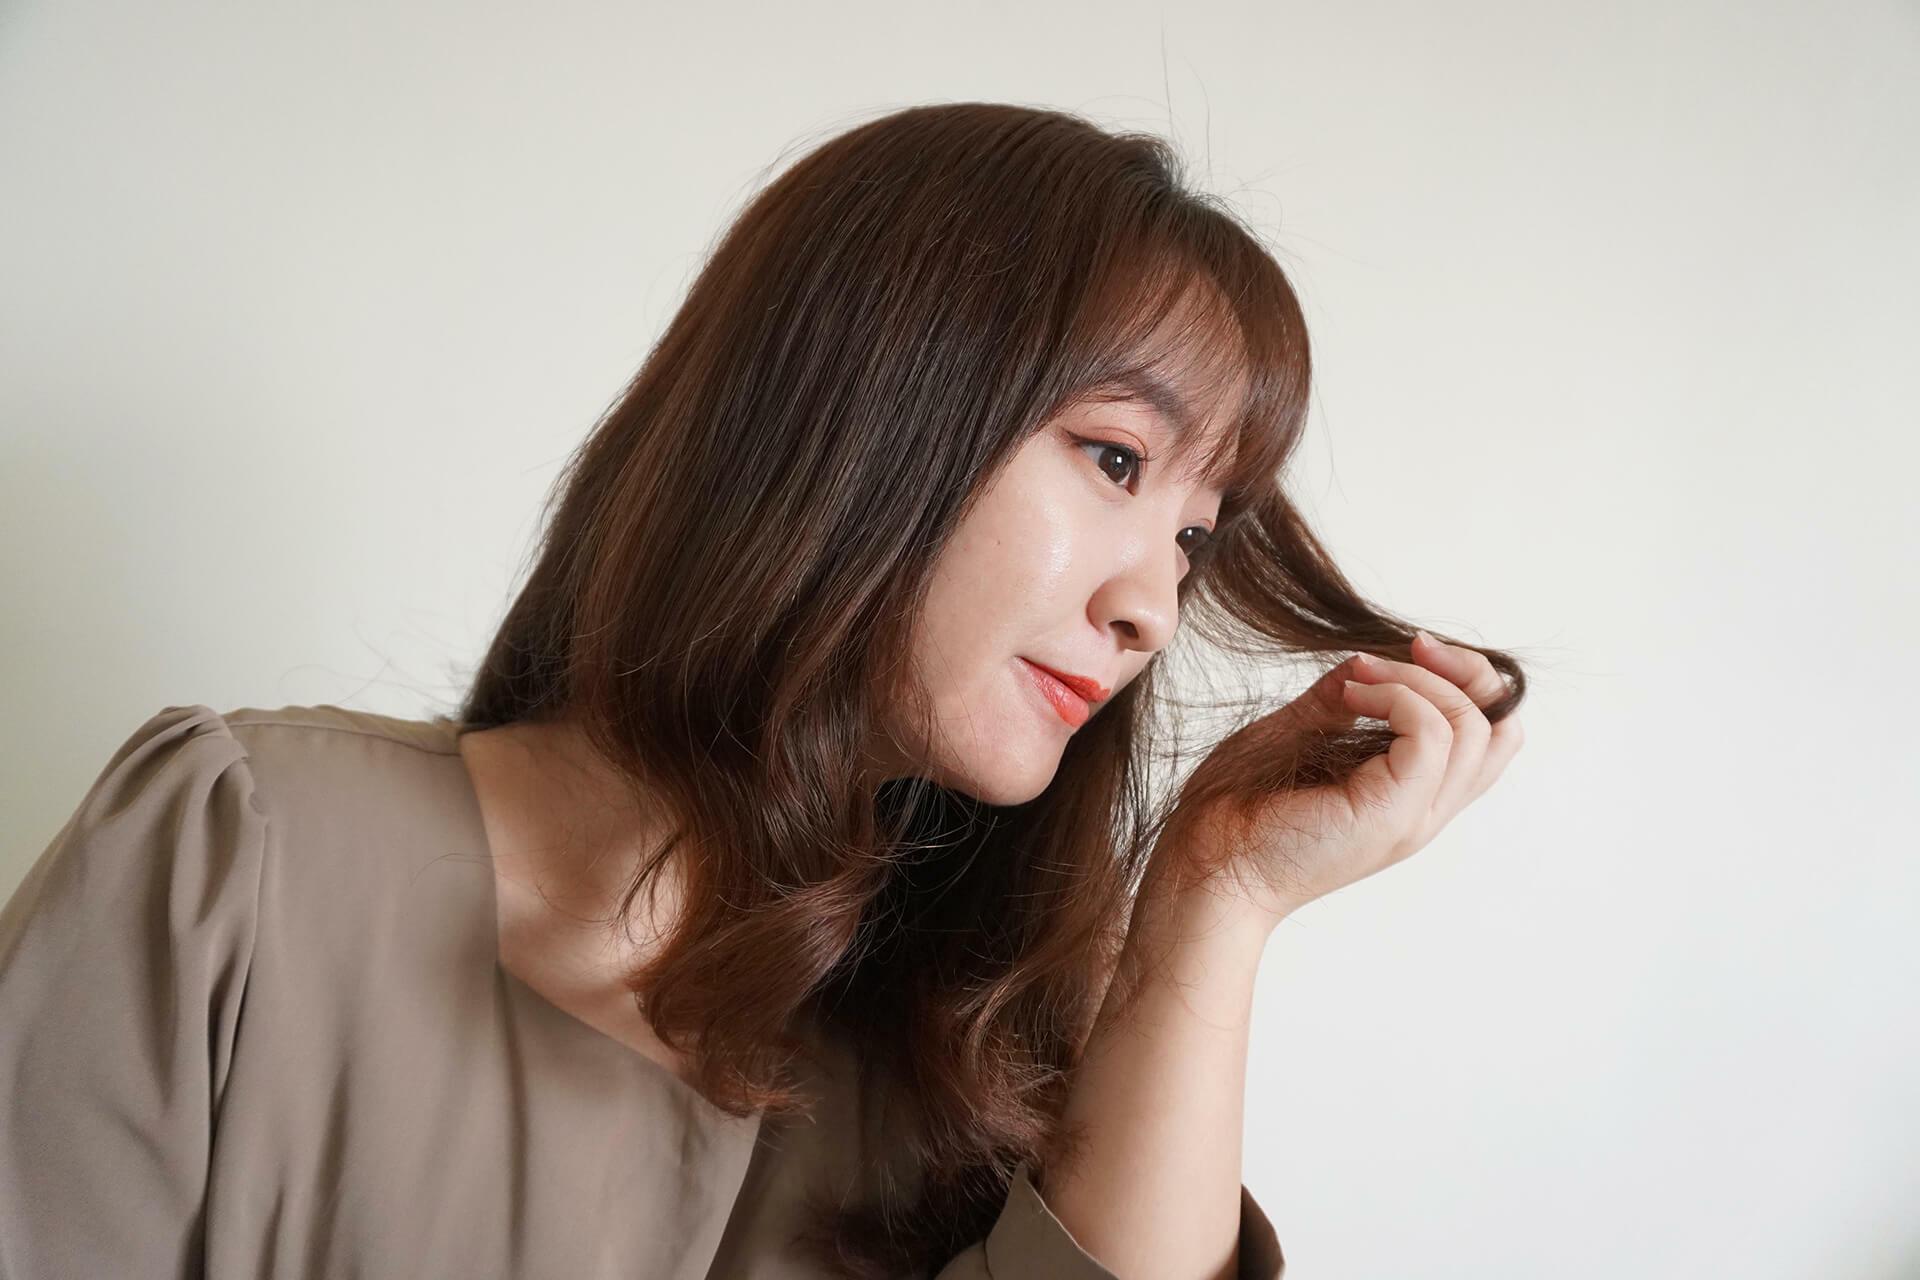 甦醒髮鍵修護護髮霜!Ink Hair設計師團隊打造免沖洗護髮,居家護髮也能有專業沙龍護髮效果!